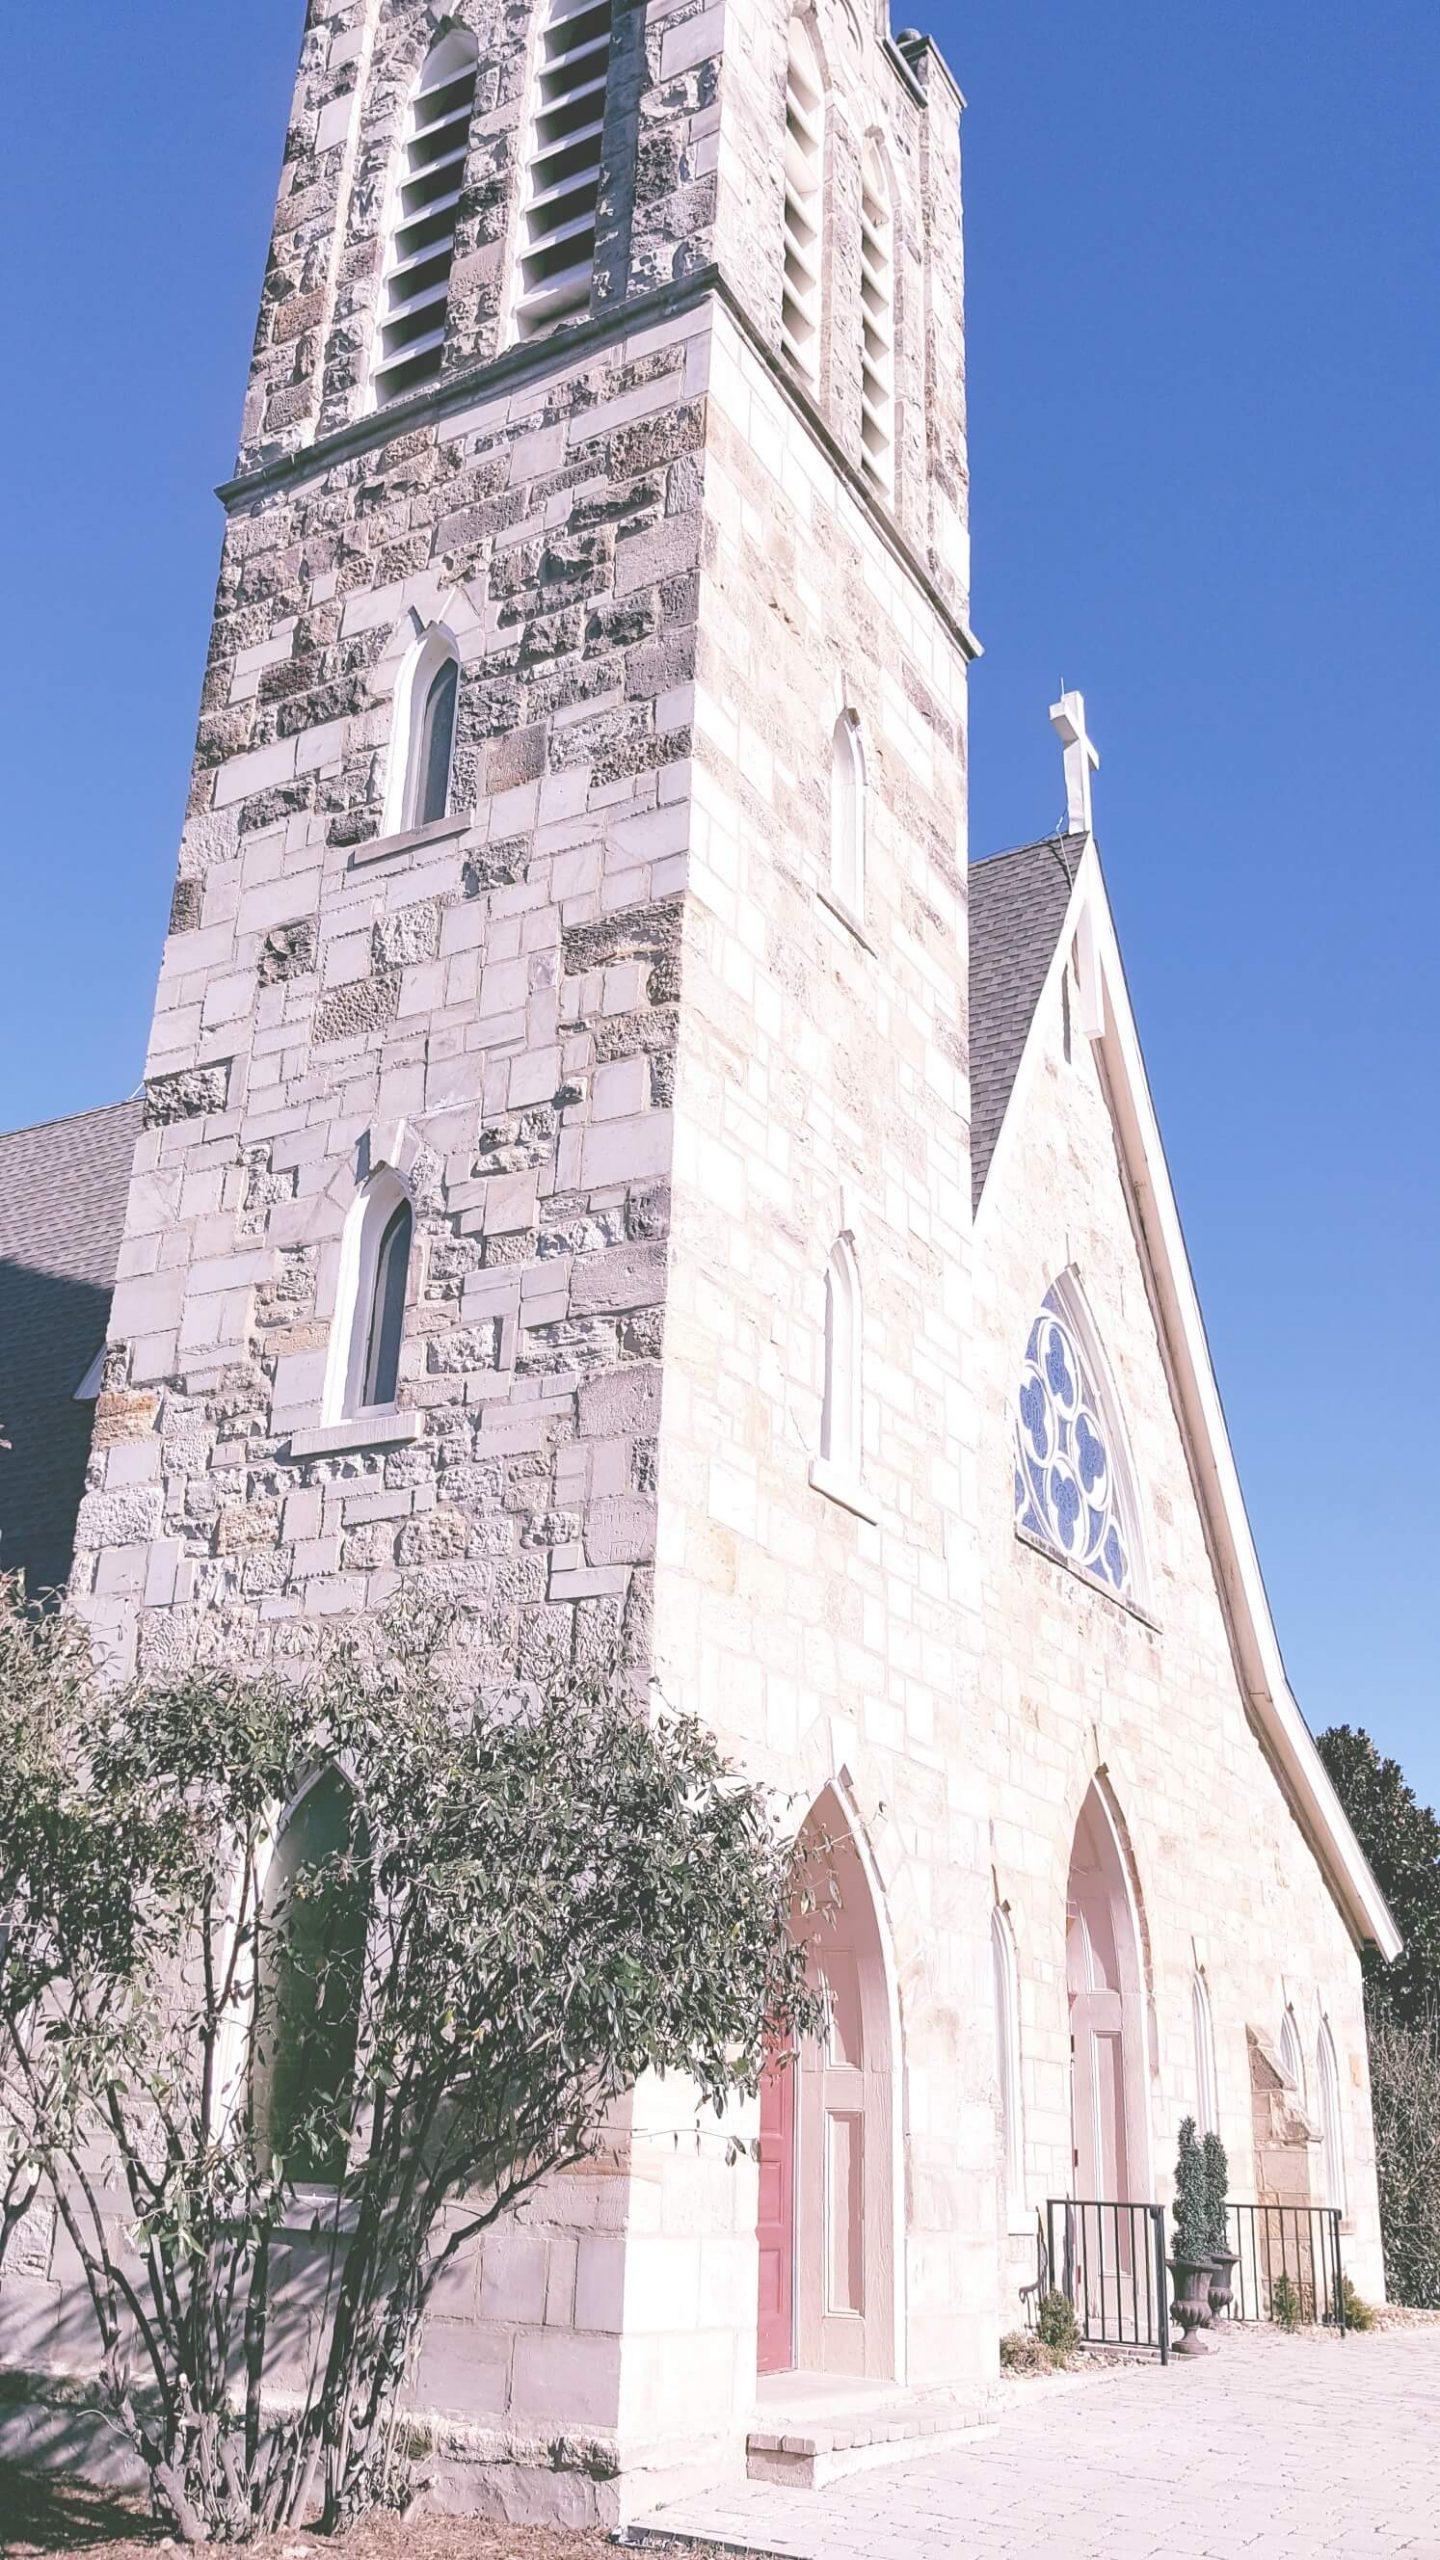 Christ Church After 6